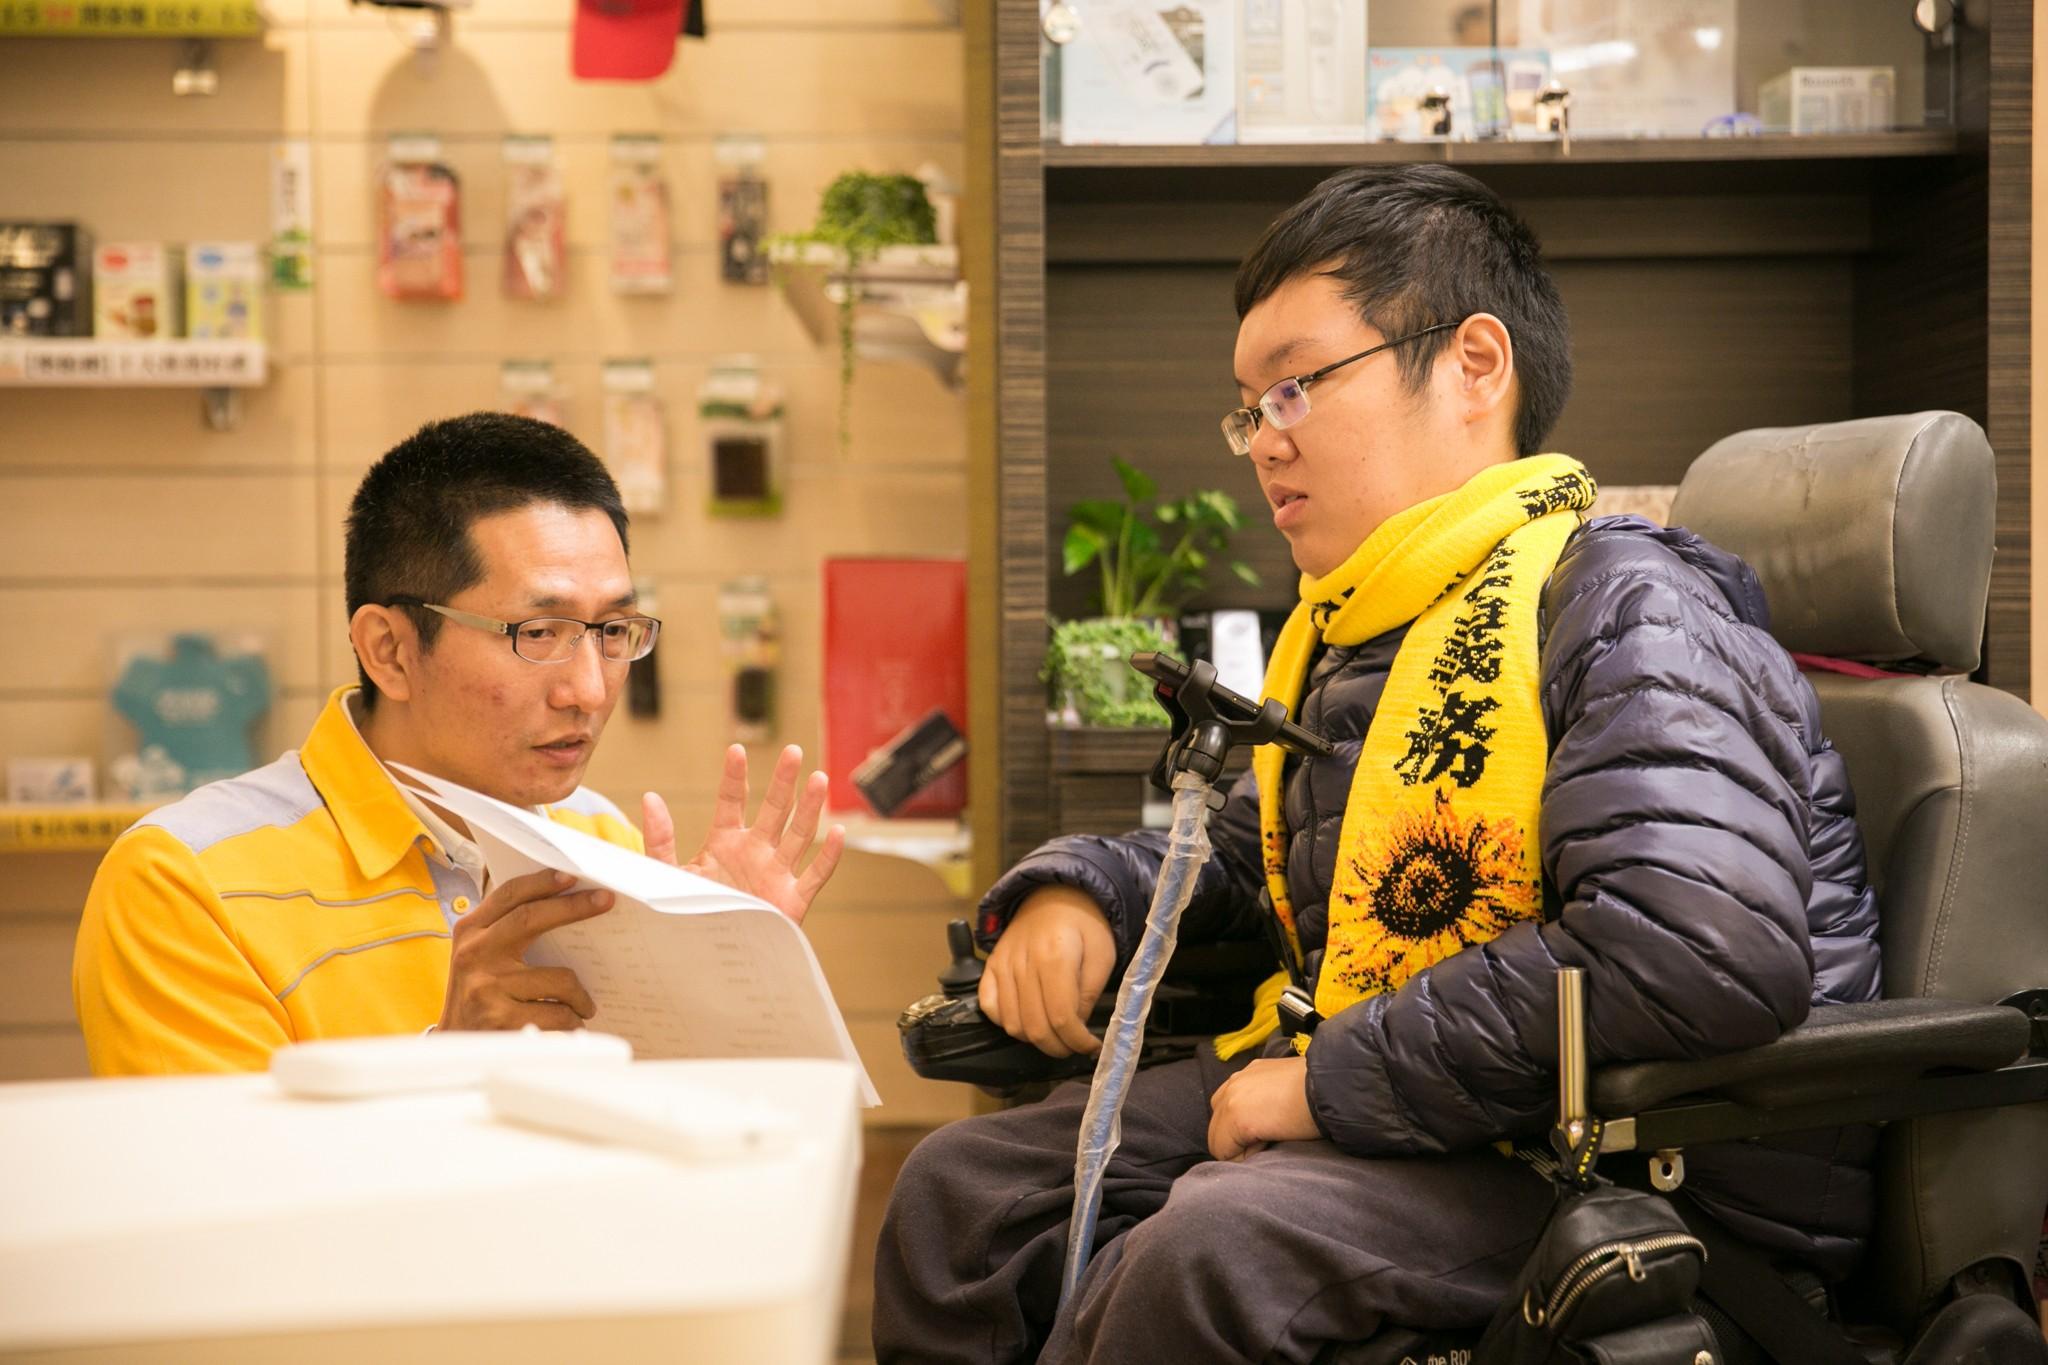 Jeff與身障朋友互動